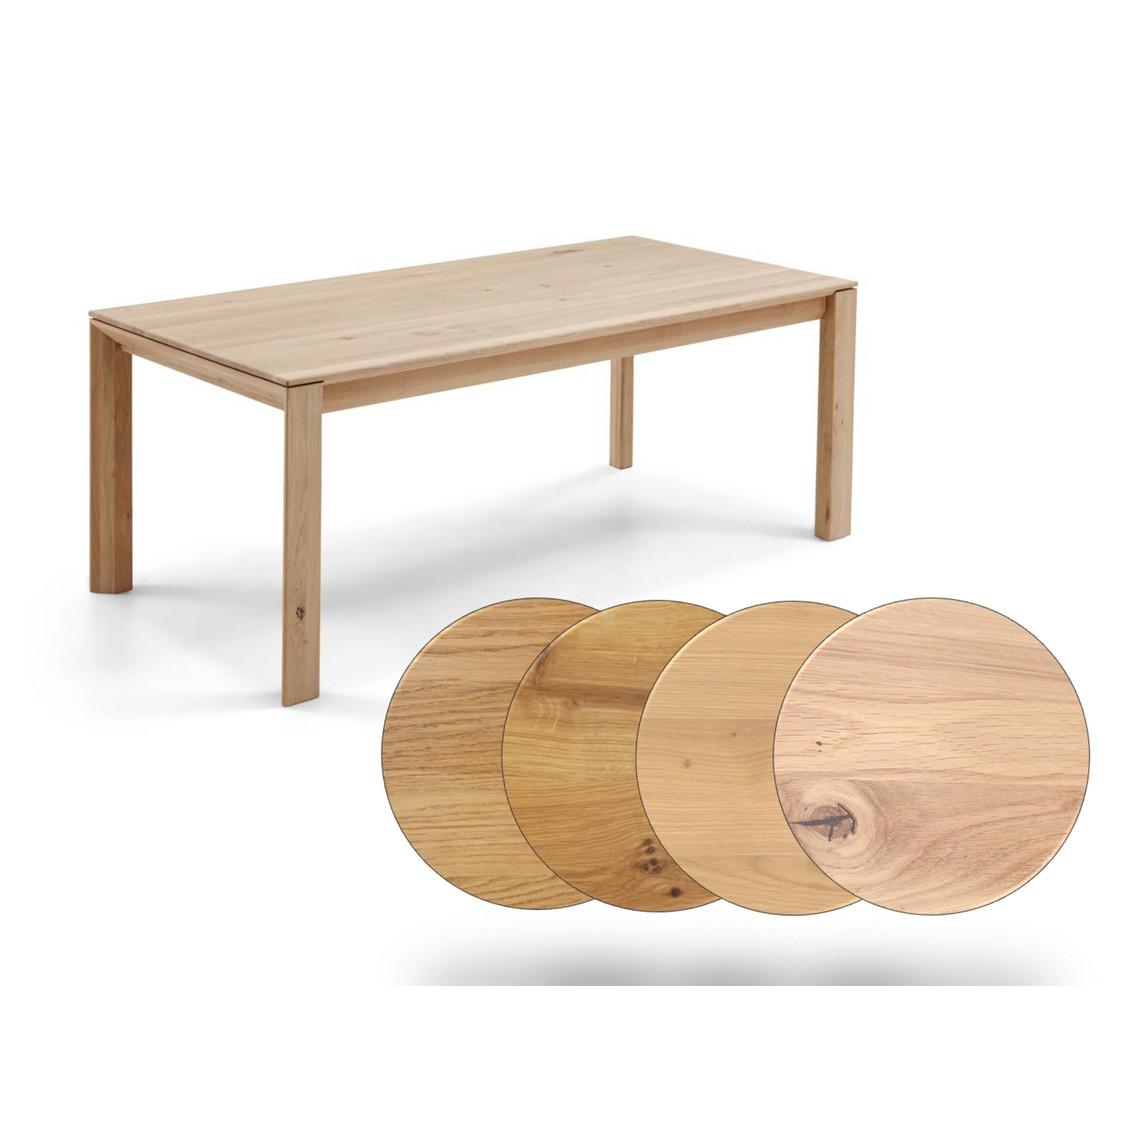 Full Size of Esstische Moderne Designer Runde Rund Kleine Holz Massiv Ausziehbar Design Massivholz Esstische Esstische